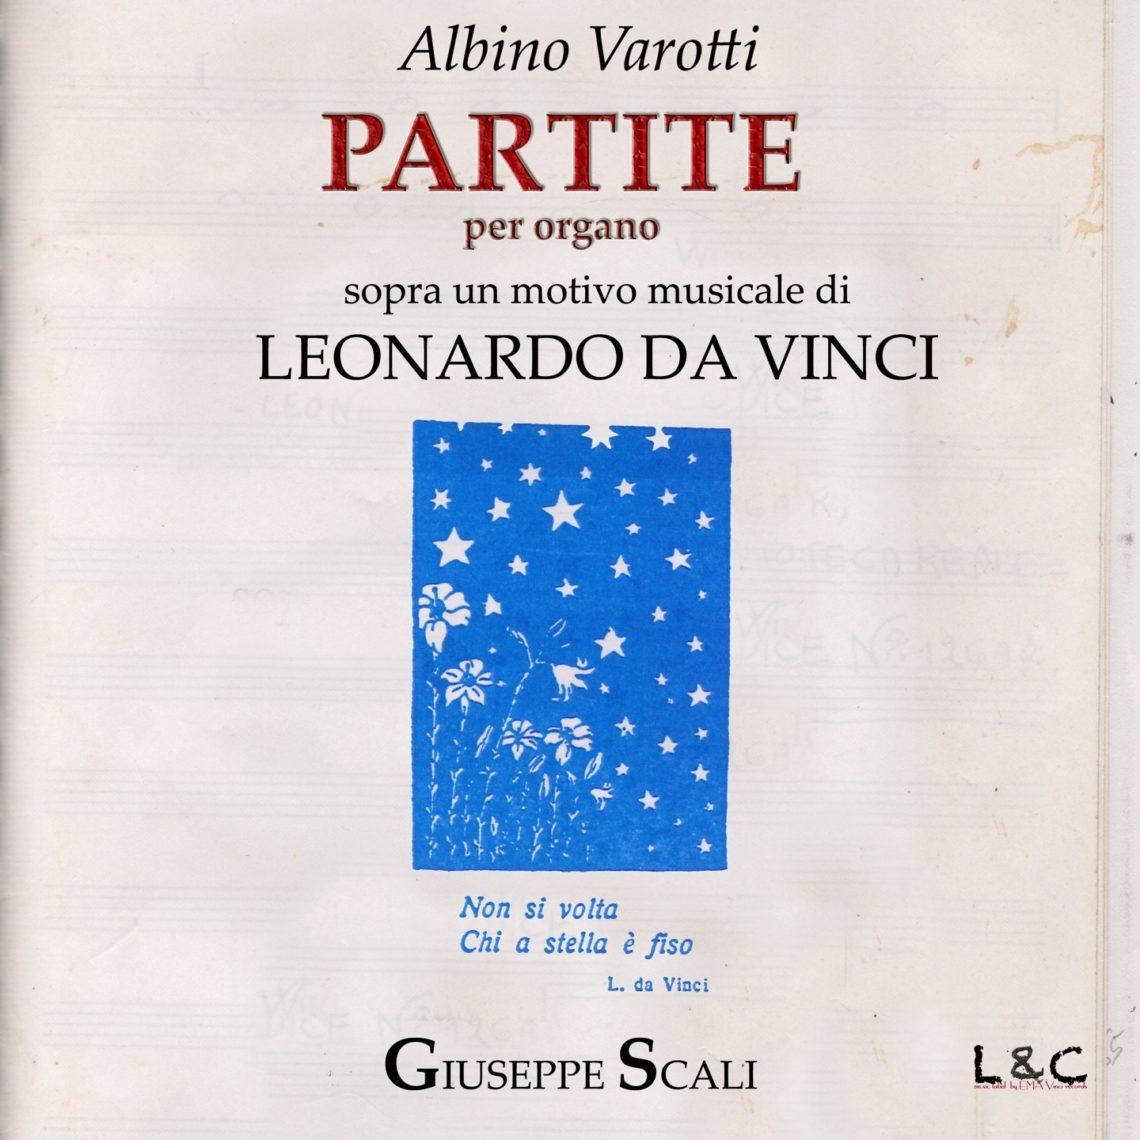 Partite sopra un motivo musicale di Leonardo Da Vinci – Varotti Albino / Giuseppe Scali organo